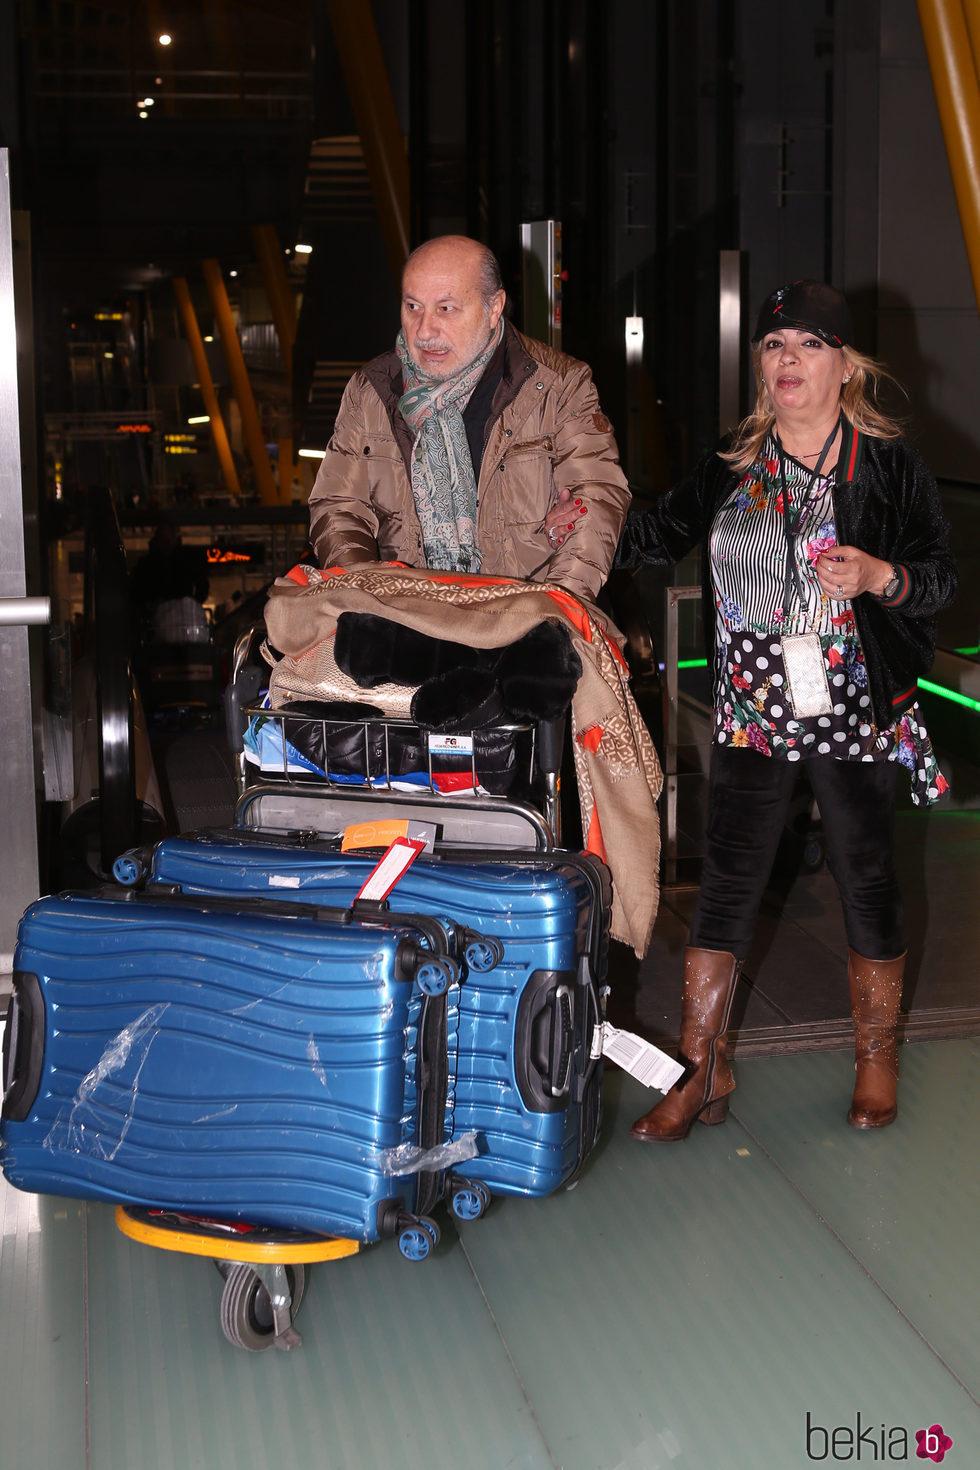 Carmen Borrego y su marido José Carlos a su reencuentro tras el viaje a Chile con 'Las Campos'